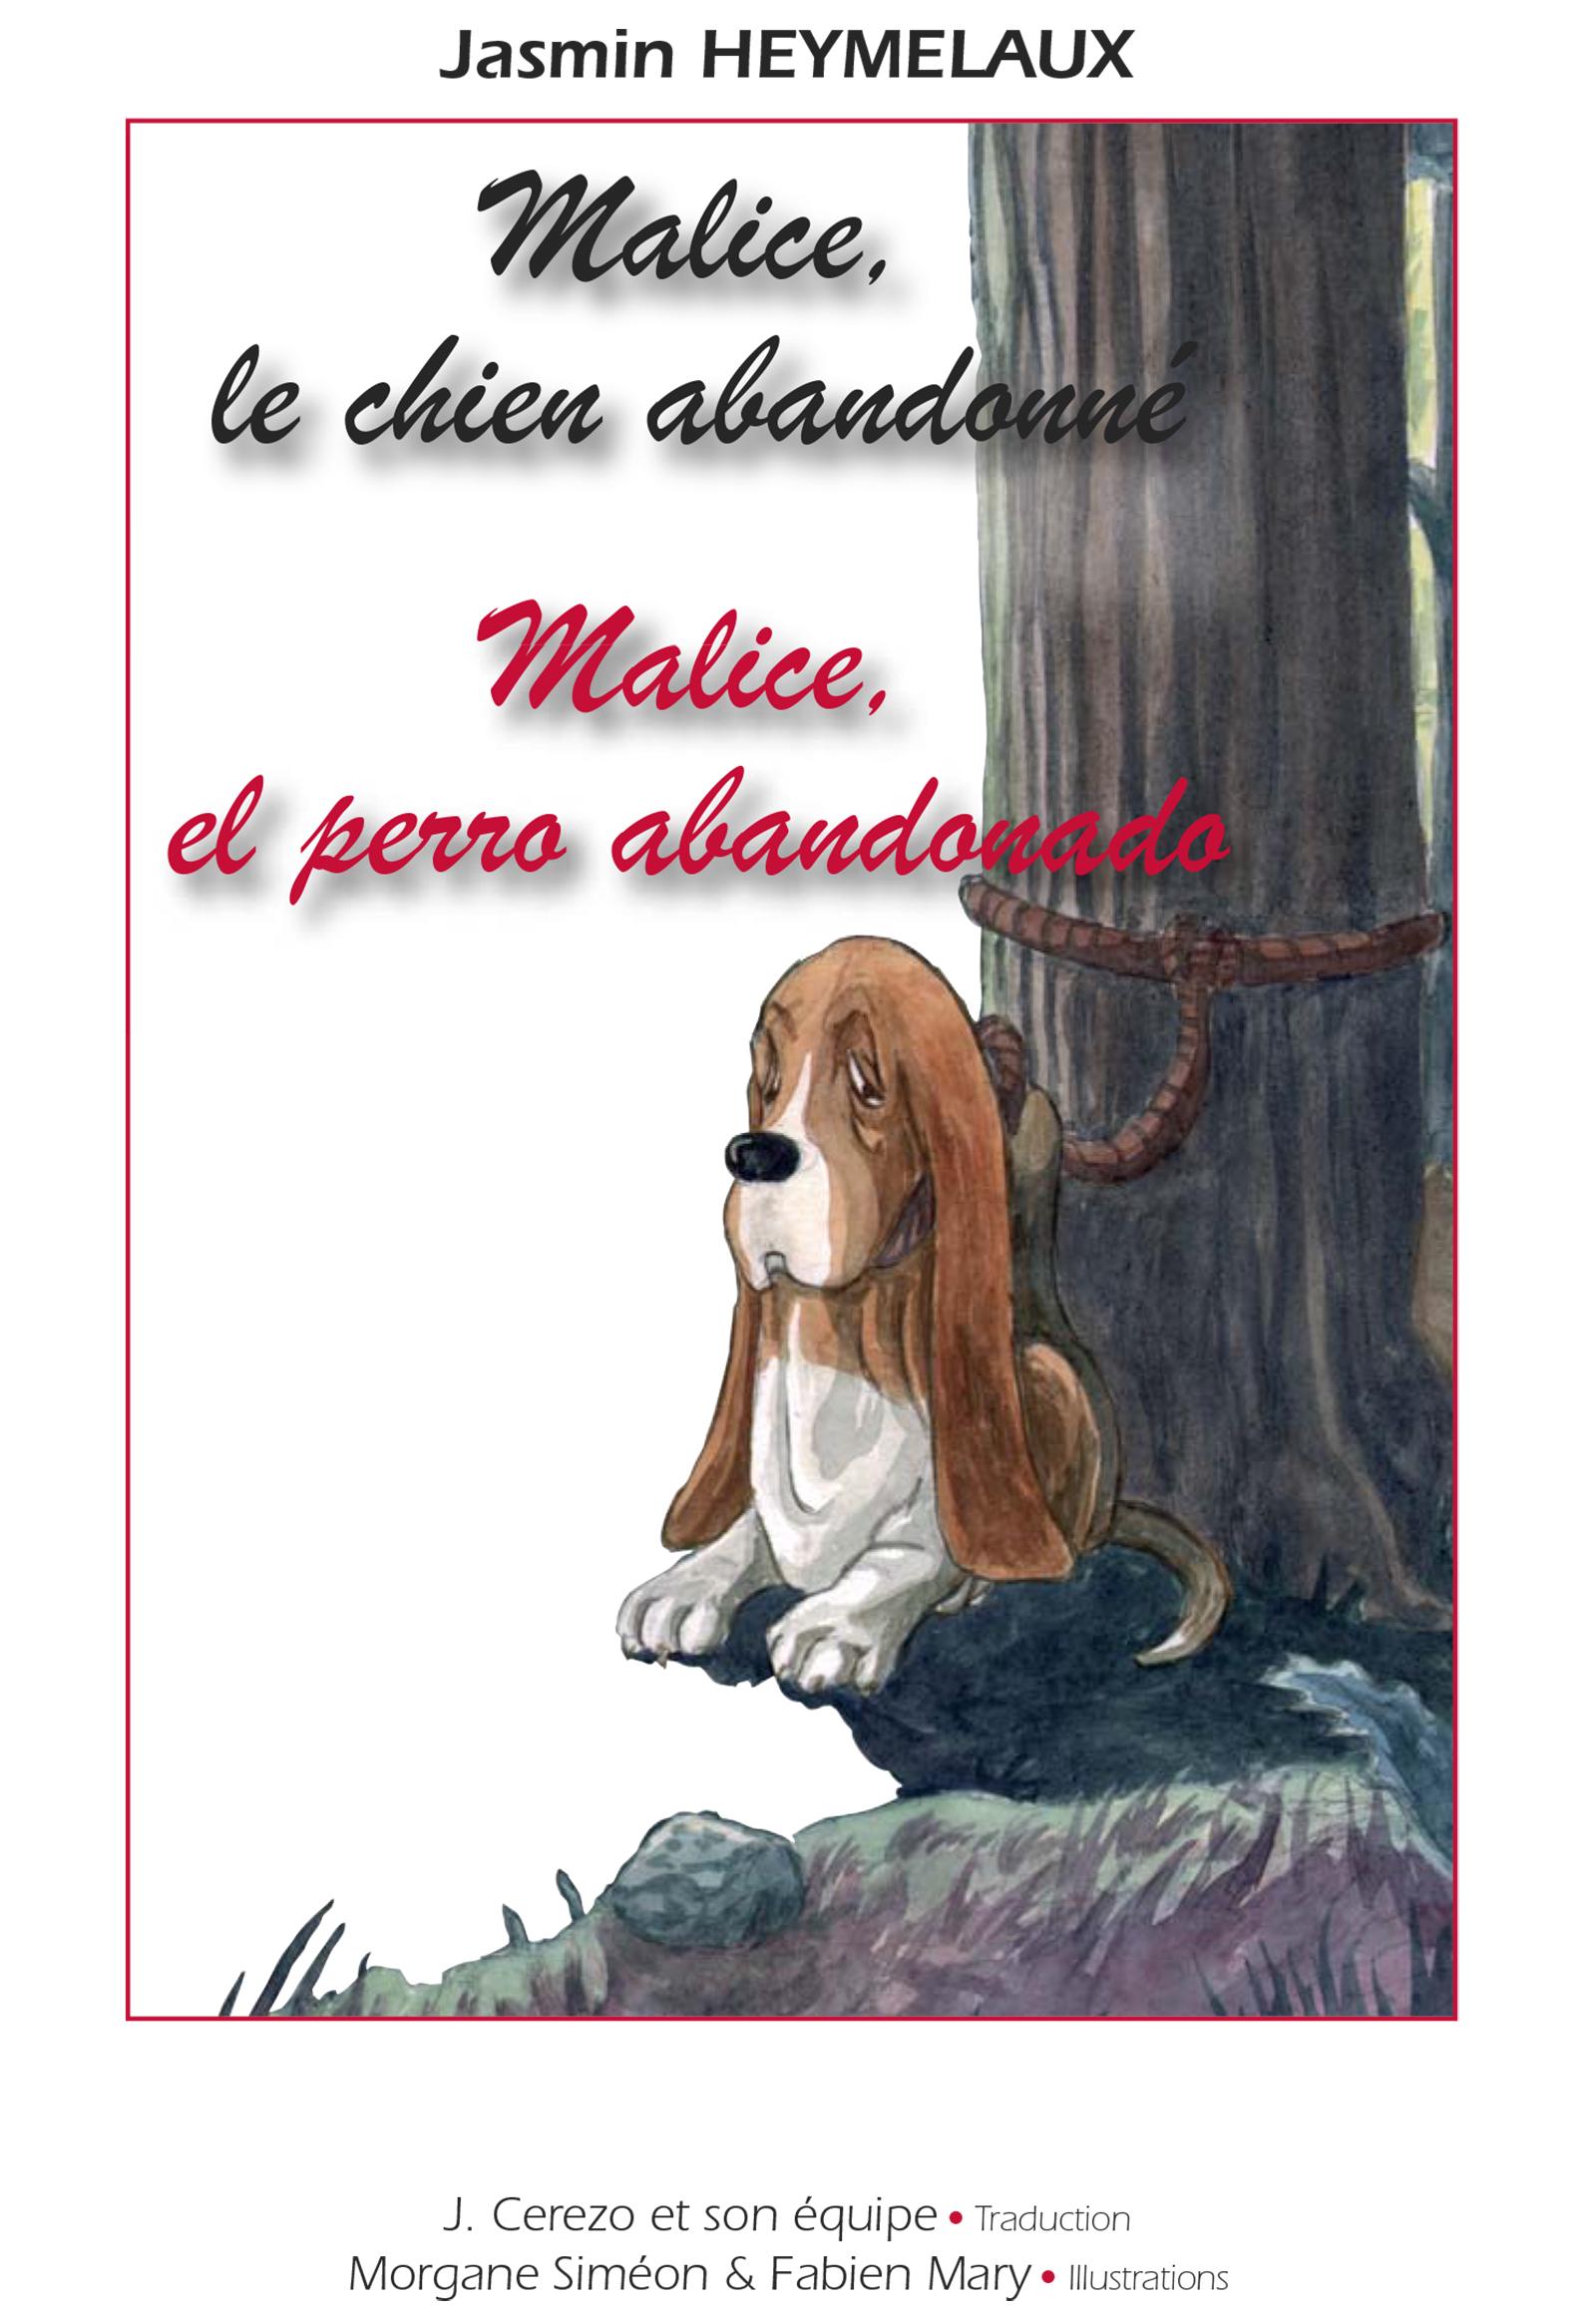 Malice, el perro abandonado / Malice, le chien abandonné, Histoire bilingue français - espagnol